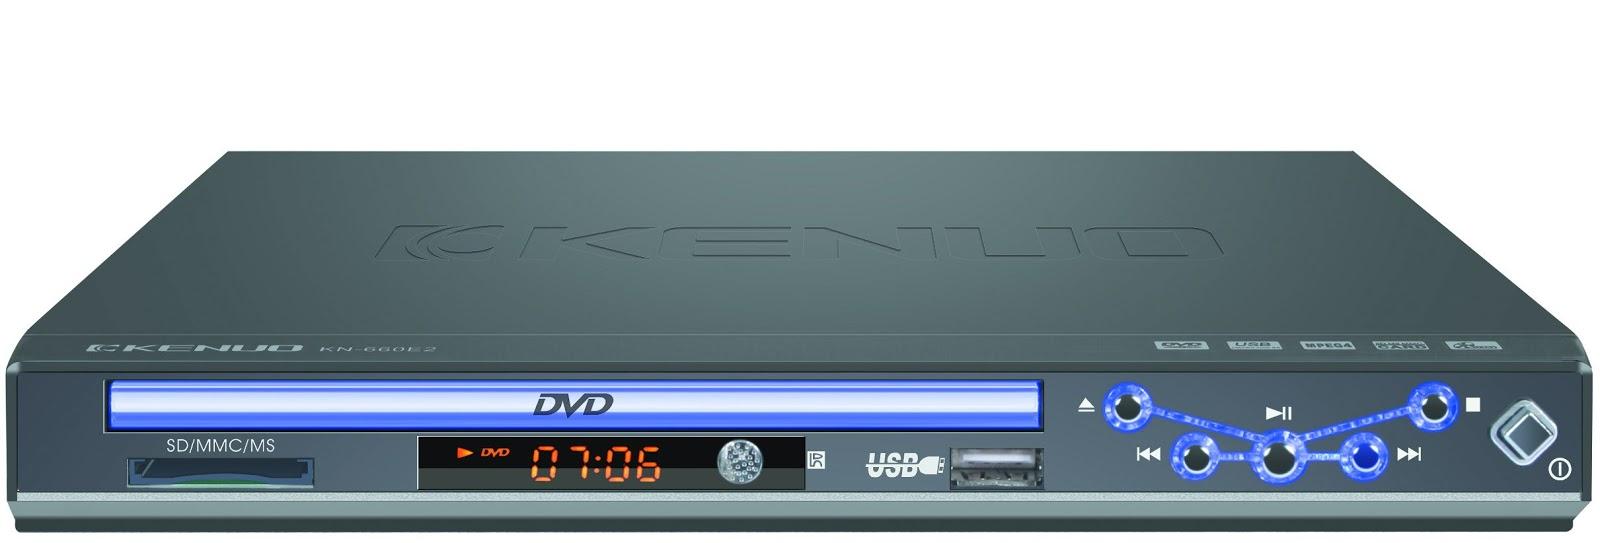 Daftar Harga DVD Player Terbaru 2013   Daftar Harga Elektronik Terbaru